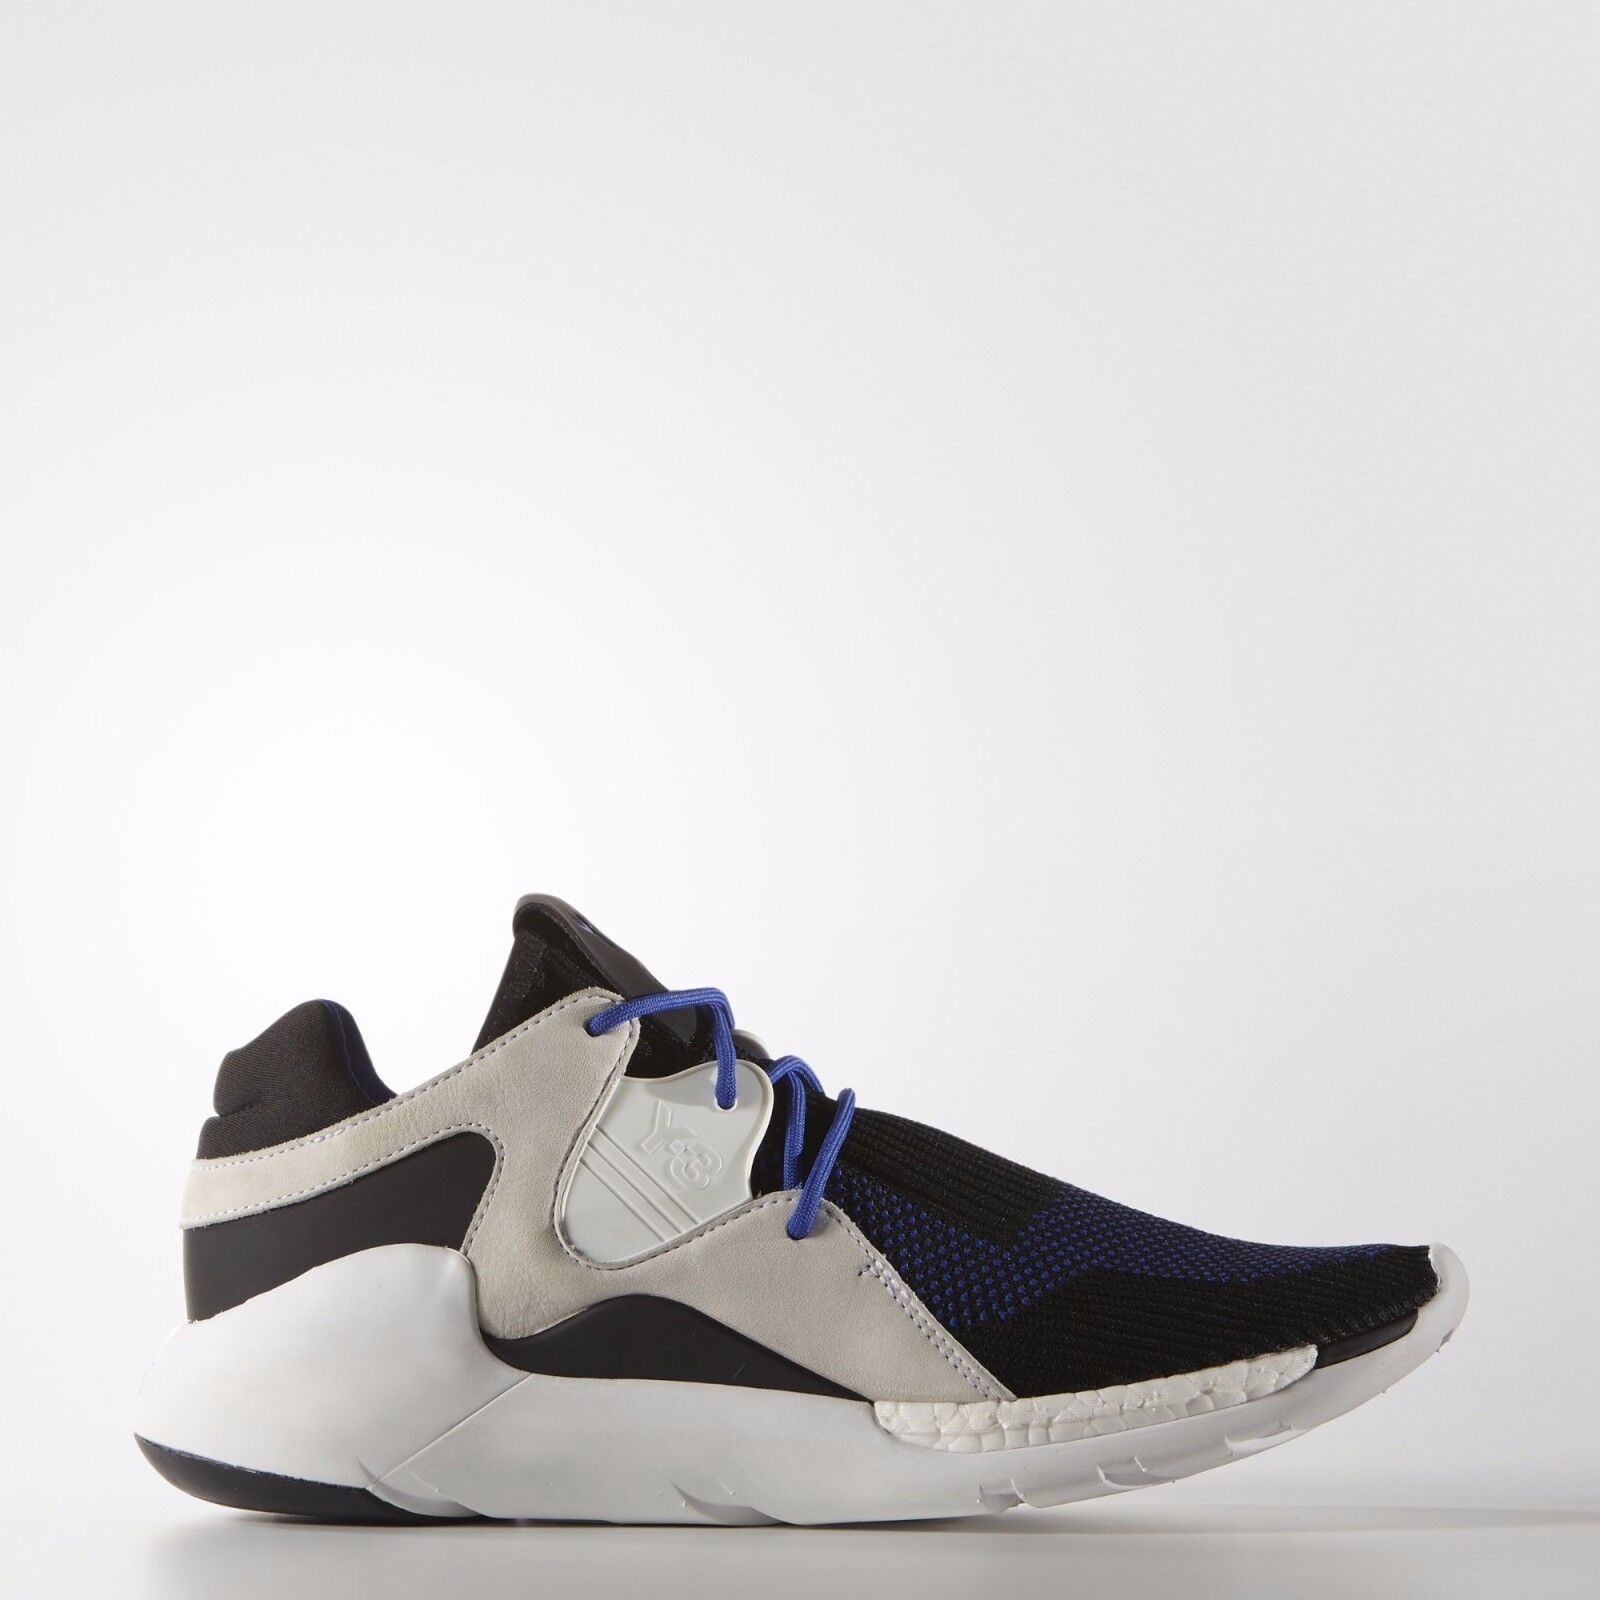 Adidas Y-3 Yohji Yamamoto QR Run Knit Boost AQ5723 Limited Edition